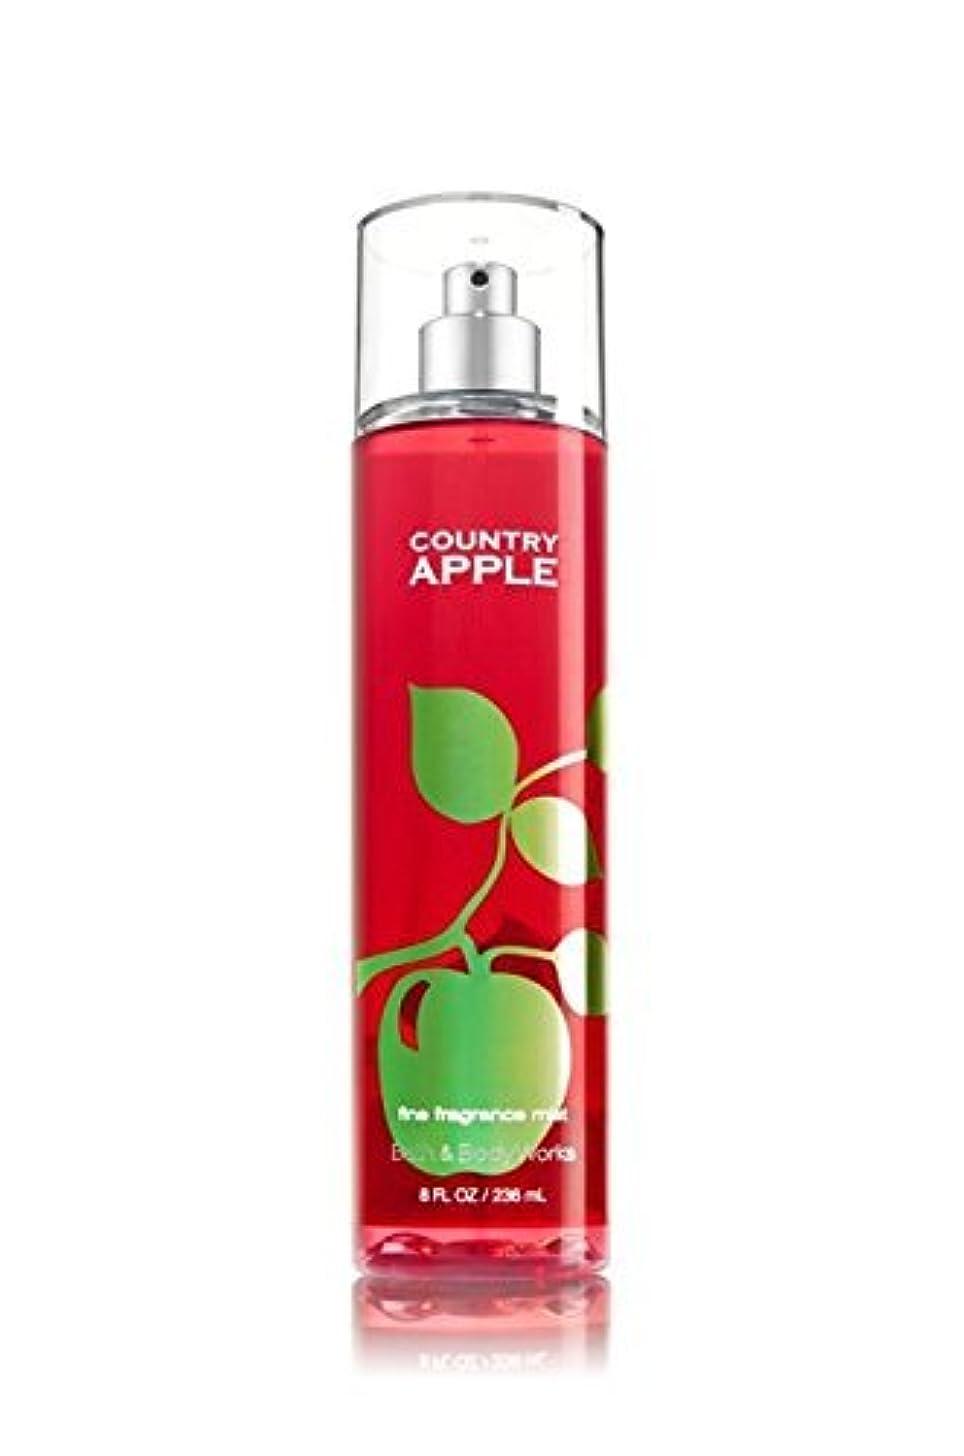 識別信念刈り取る【Bath&Body Works/バス&ボディワークス】 ファインフレグランスミスト カントリーアップル Fine Fragrance Mist Country Apple 8oz (236ml) [並行輸入品]